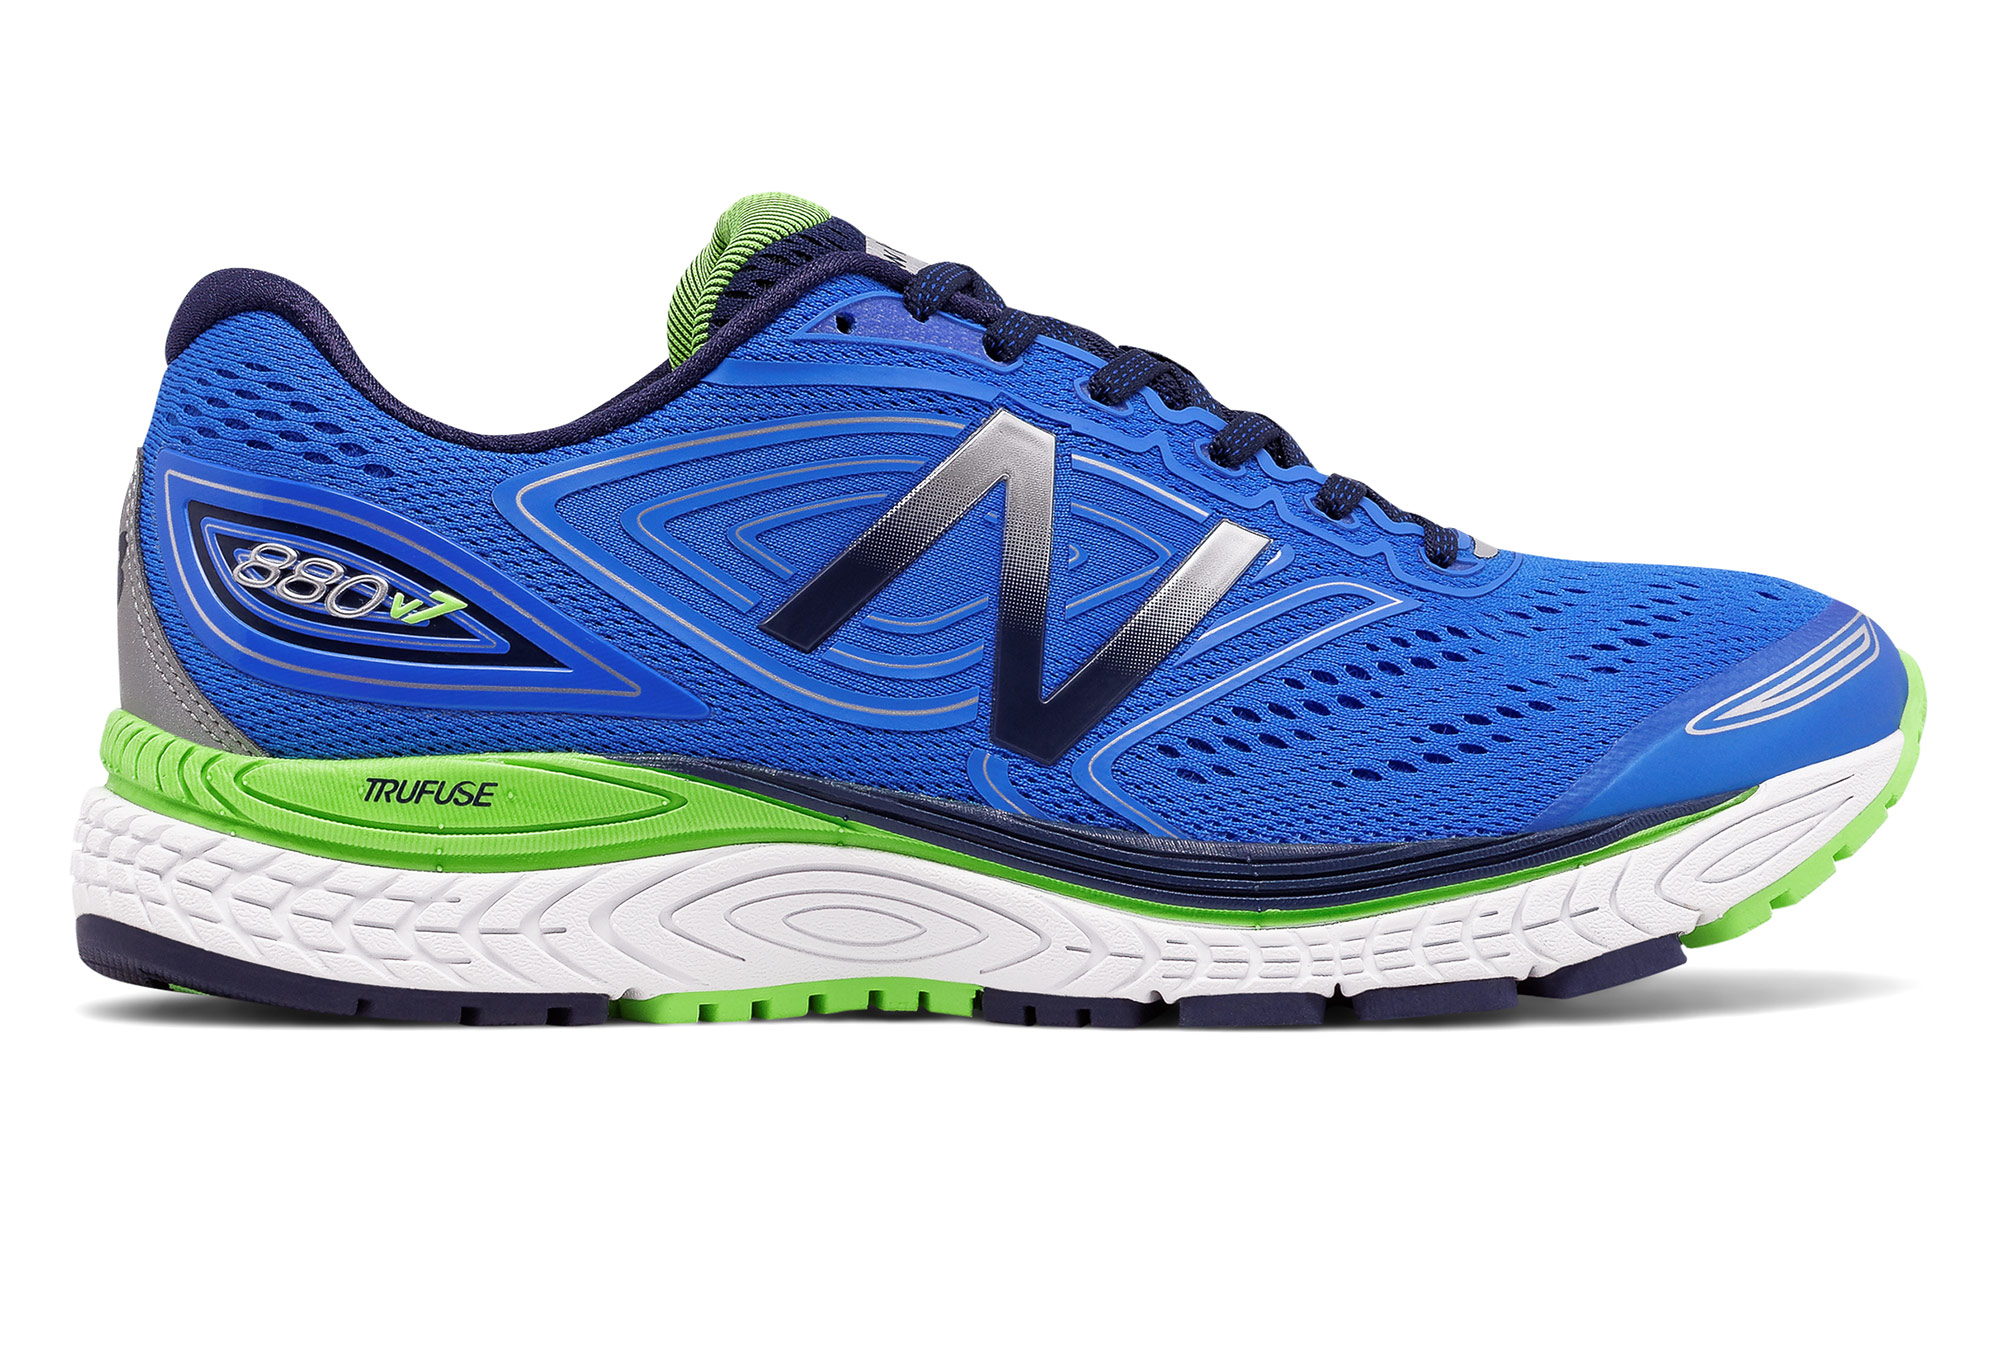 Chaussures New Balance 880 v7 bleu vert femme